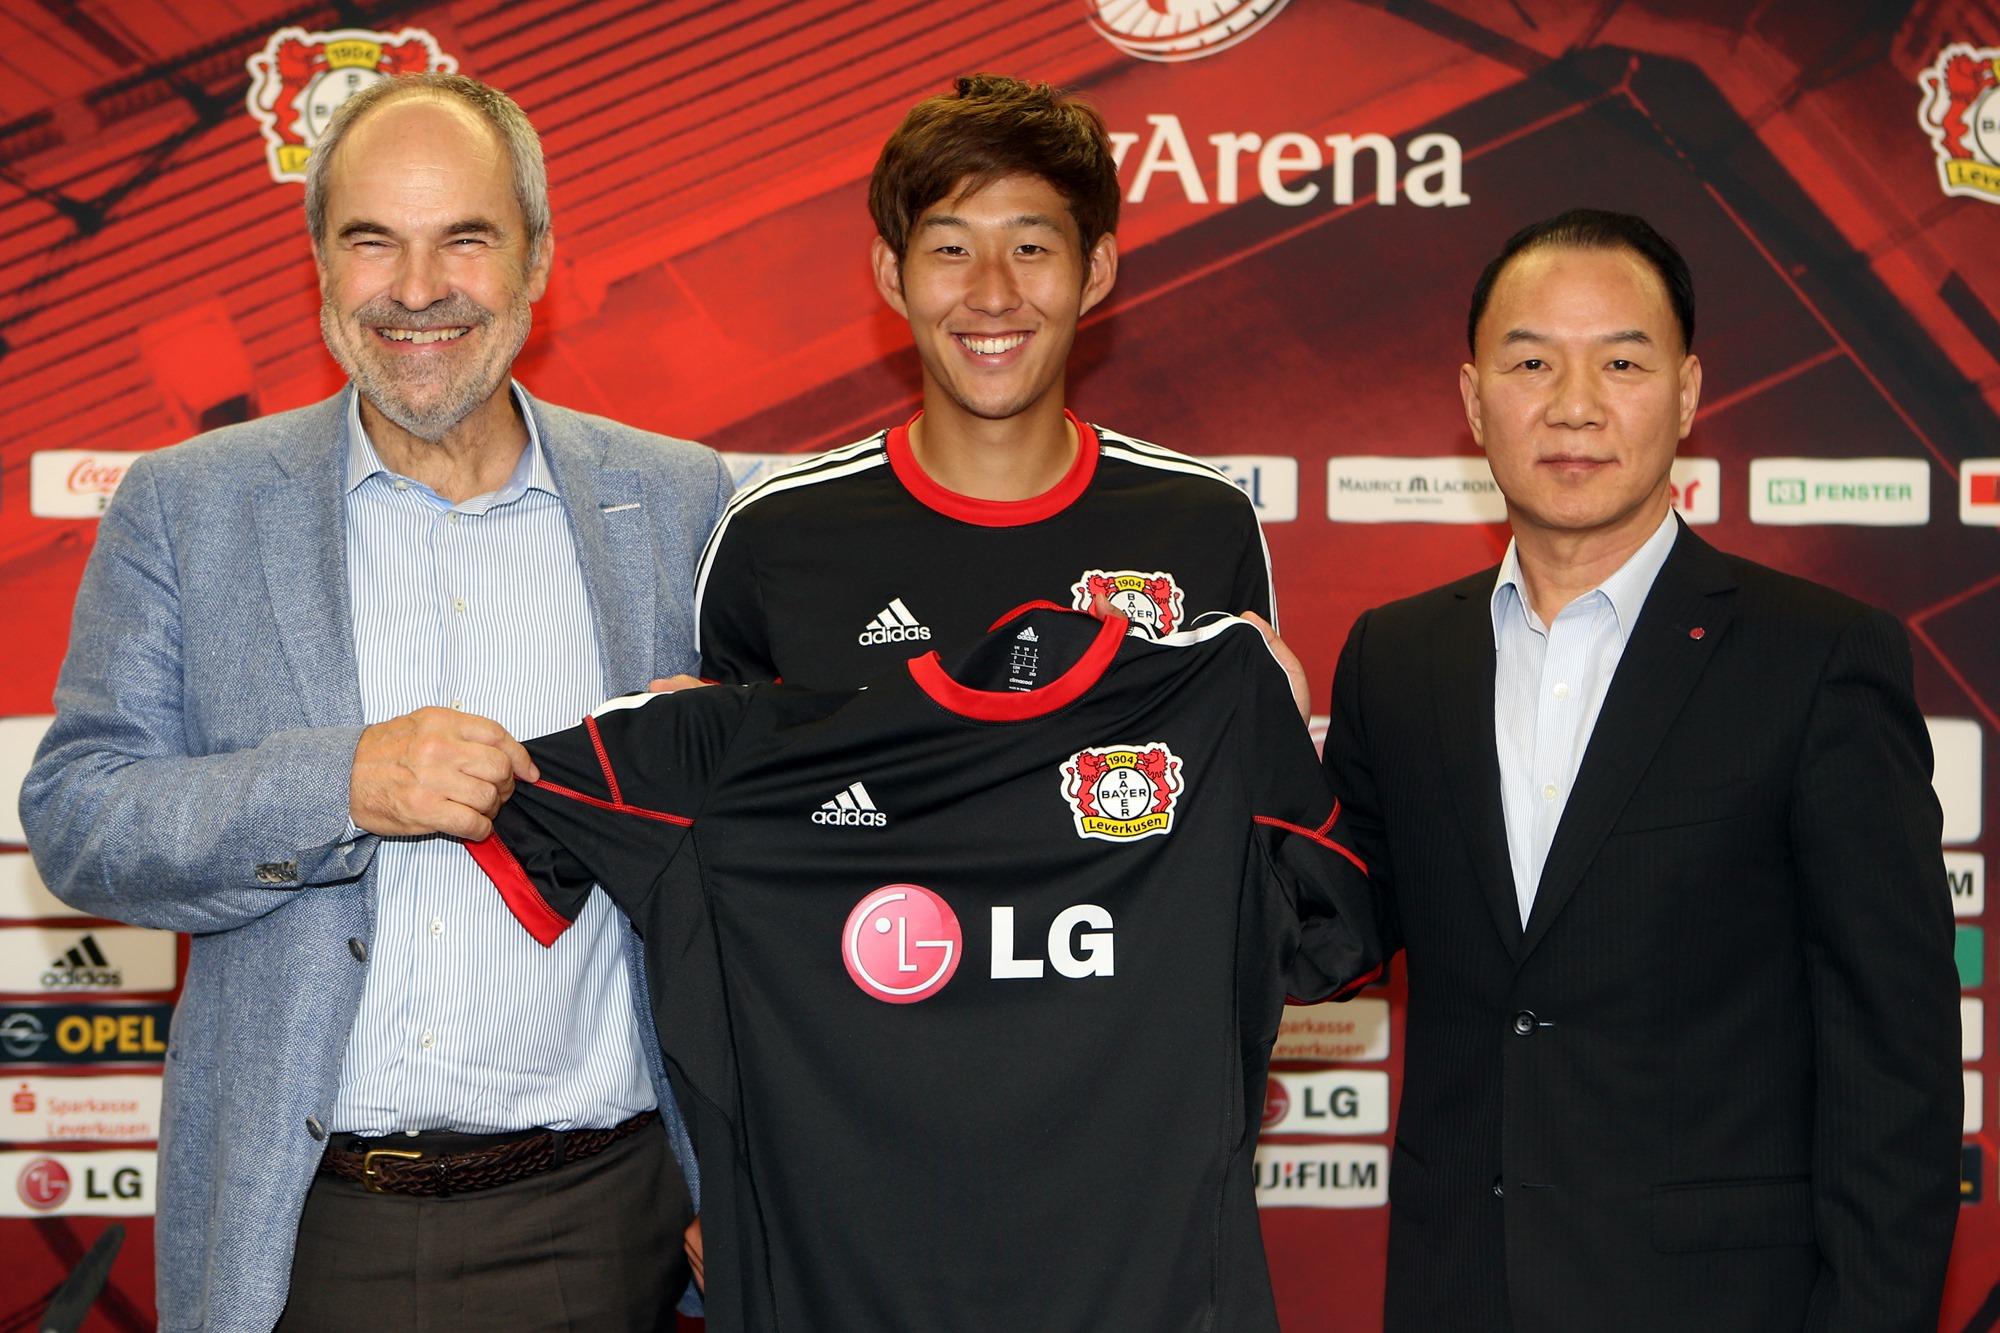 Son Heung-Min in Bayer Leverkusen bei der LG Pressekonferenz (CC 2.0 by LG)